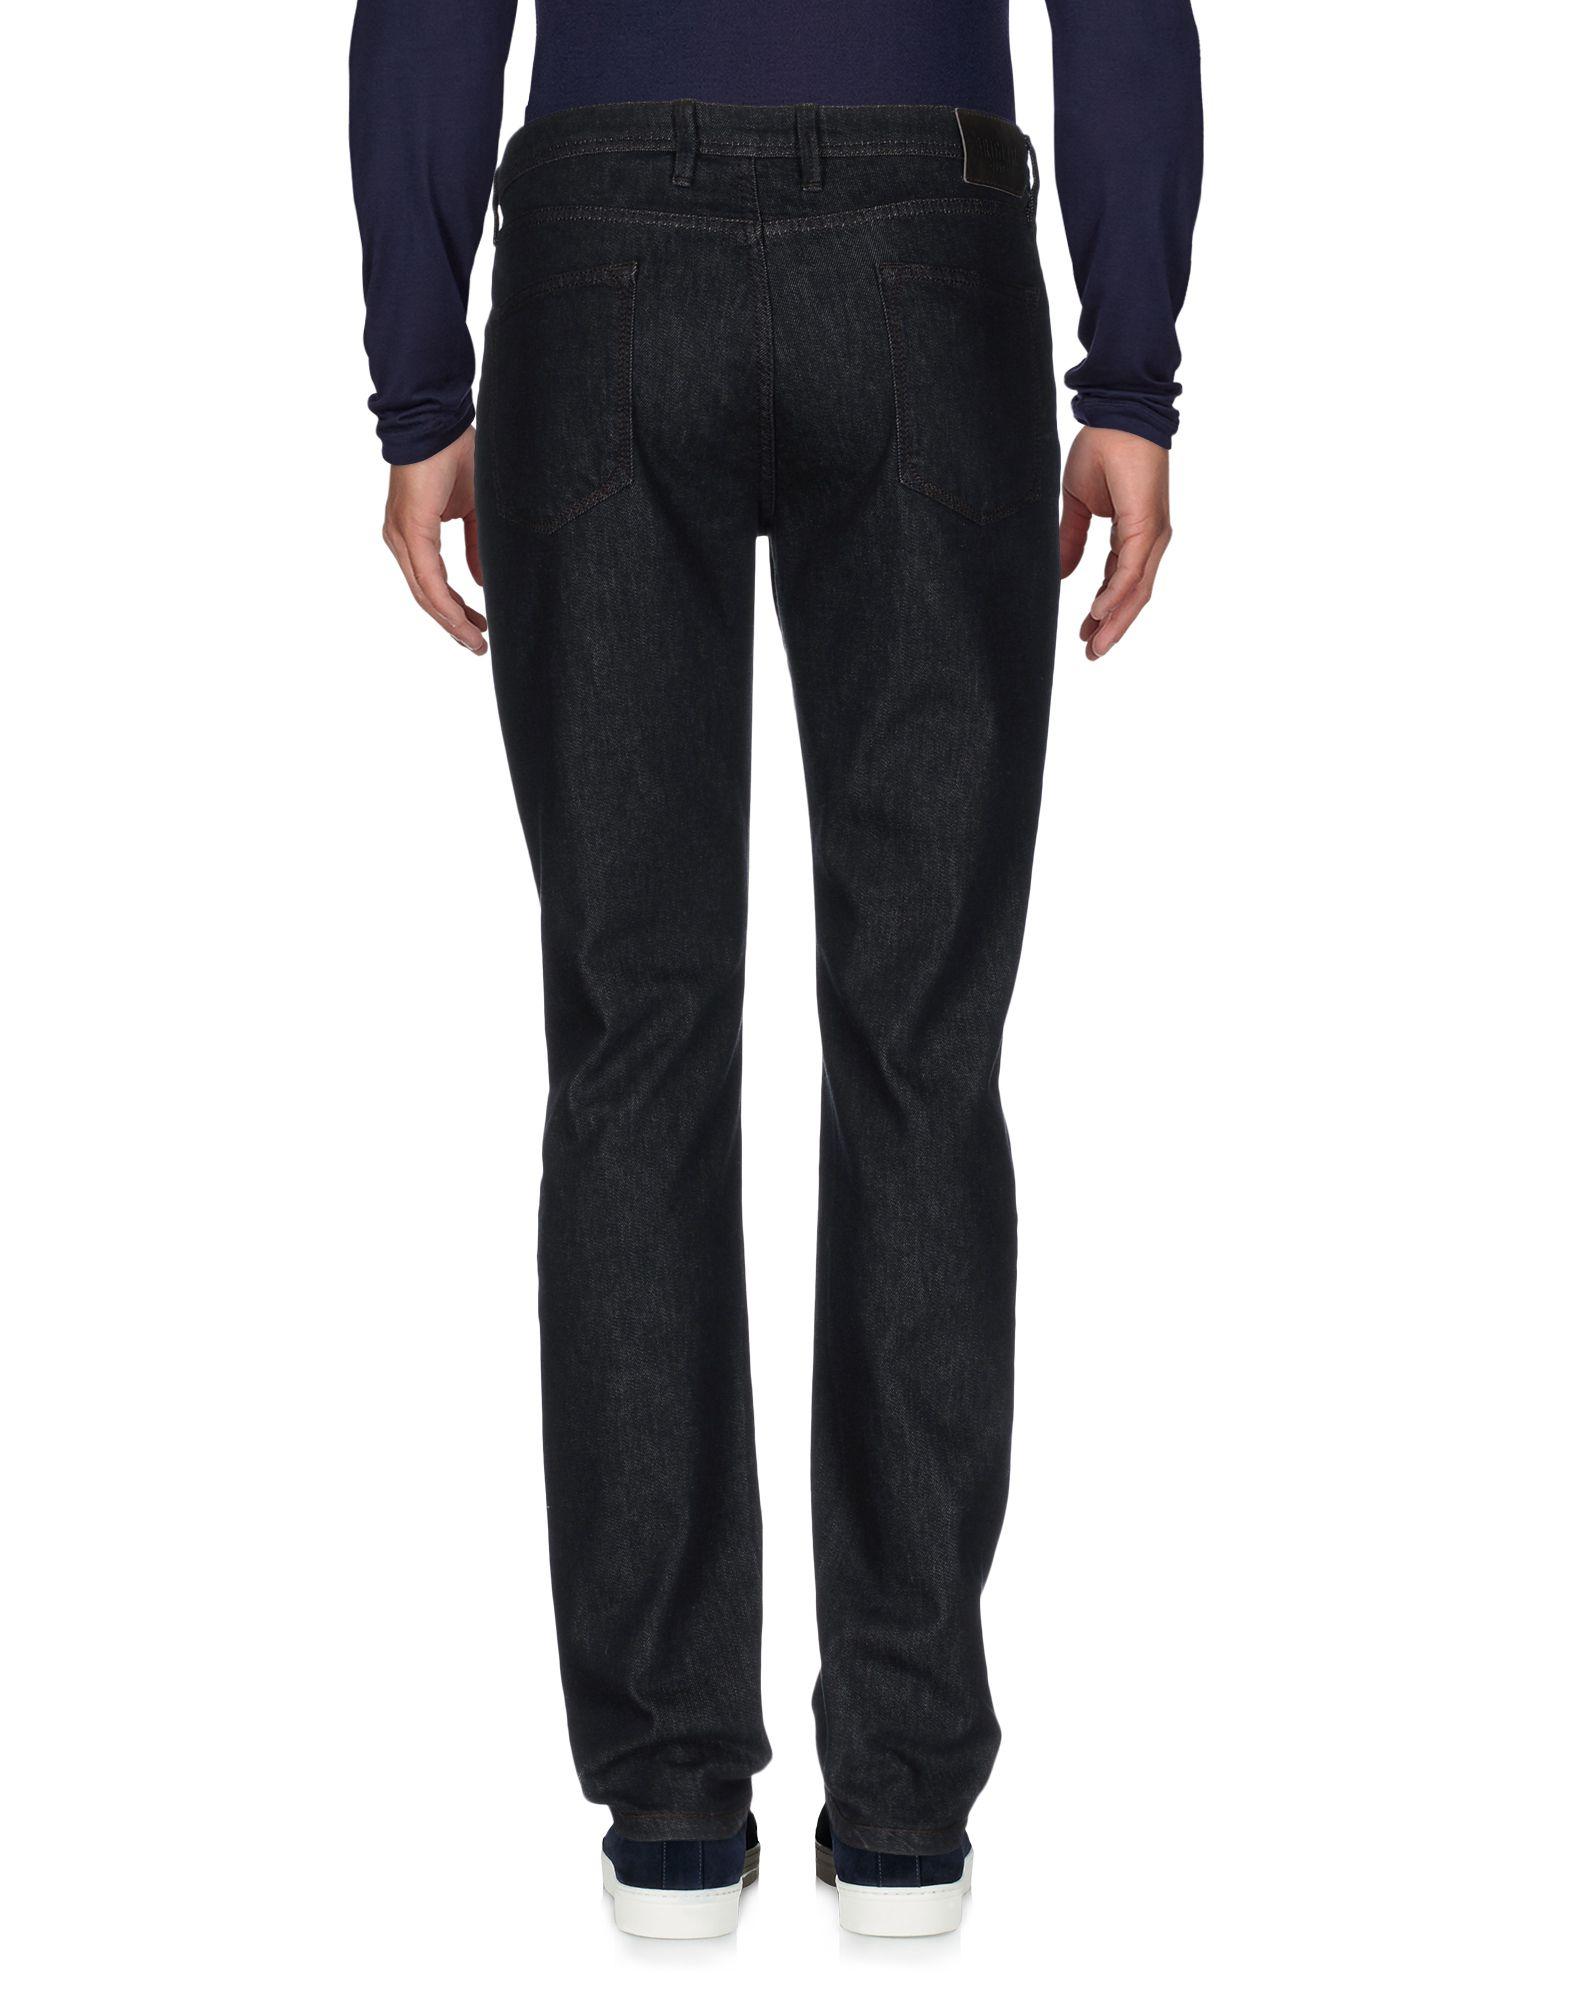 Pantaloni Jeans Briglia Briglia Briglia 1949 Uomo - 42612217CP f25ae4